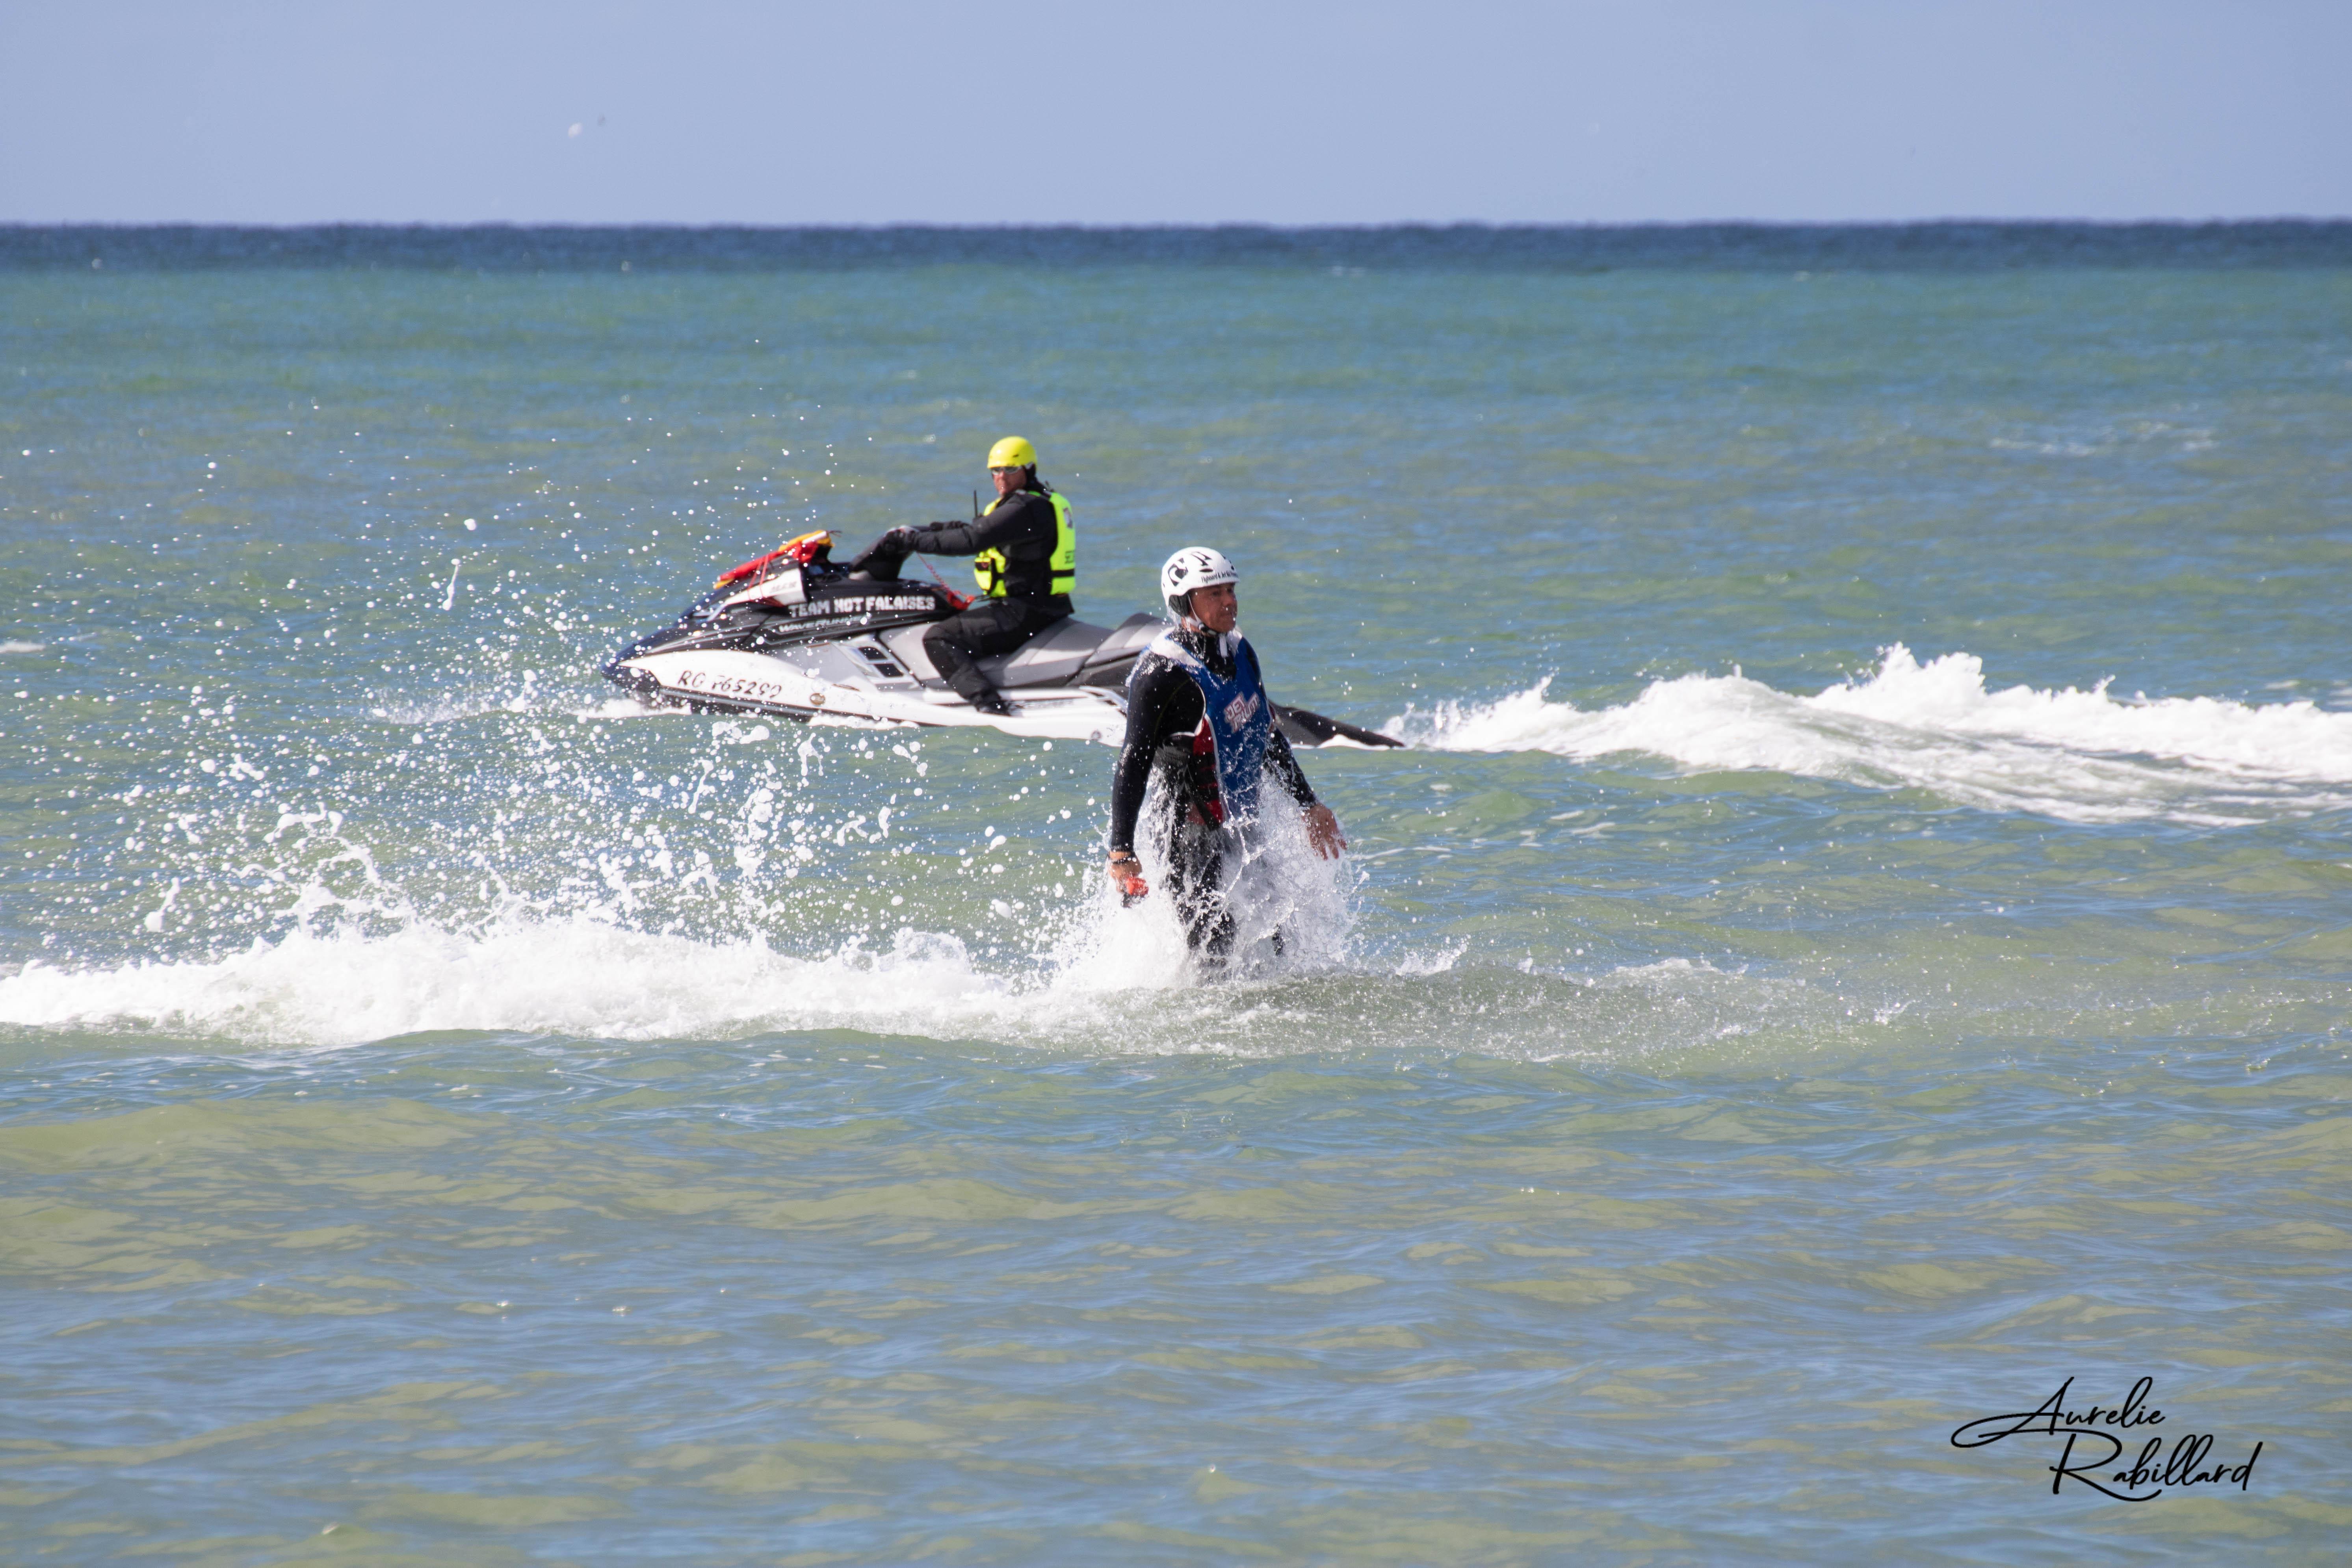 Championnat grand ouest de jet ski 2020 à villers sur mer (calvados 14)uest de jet ski à villers sur